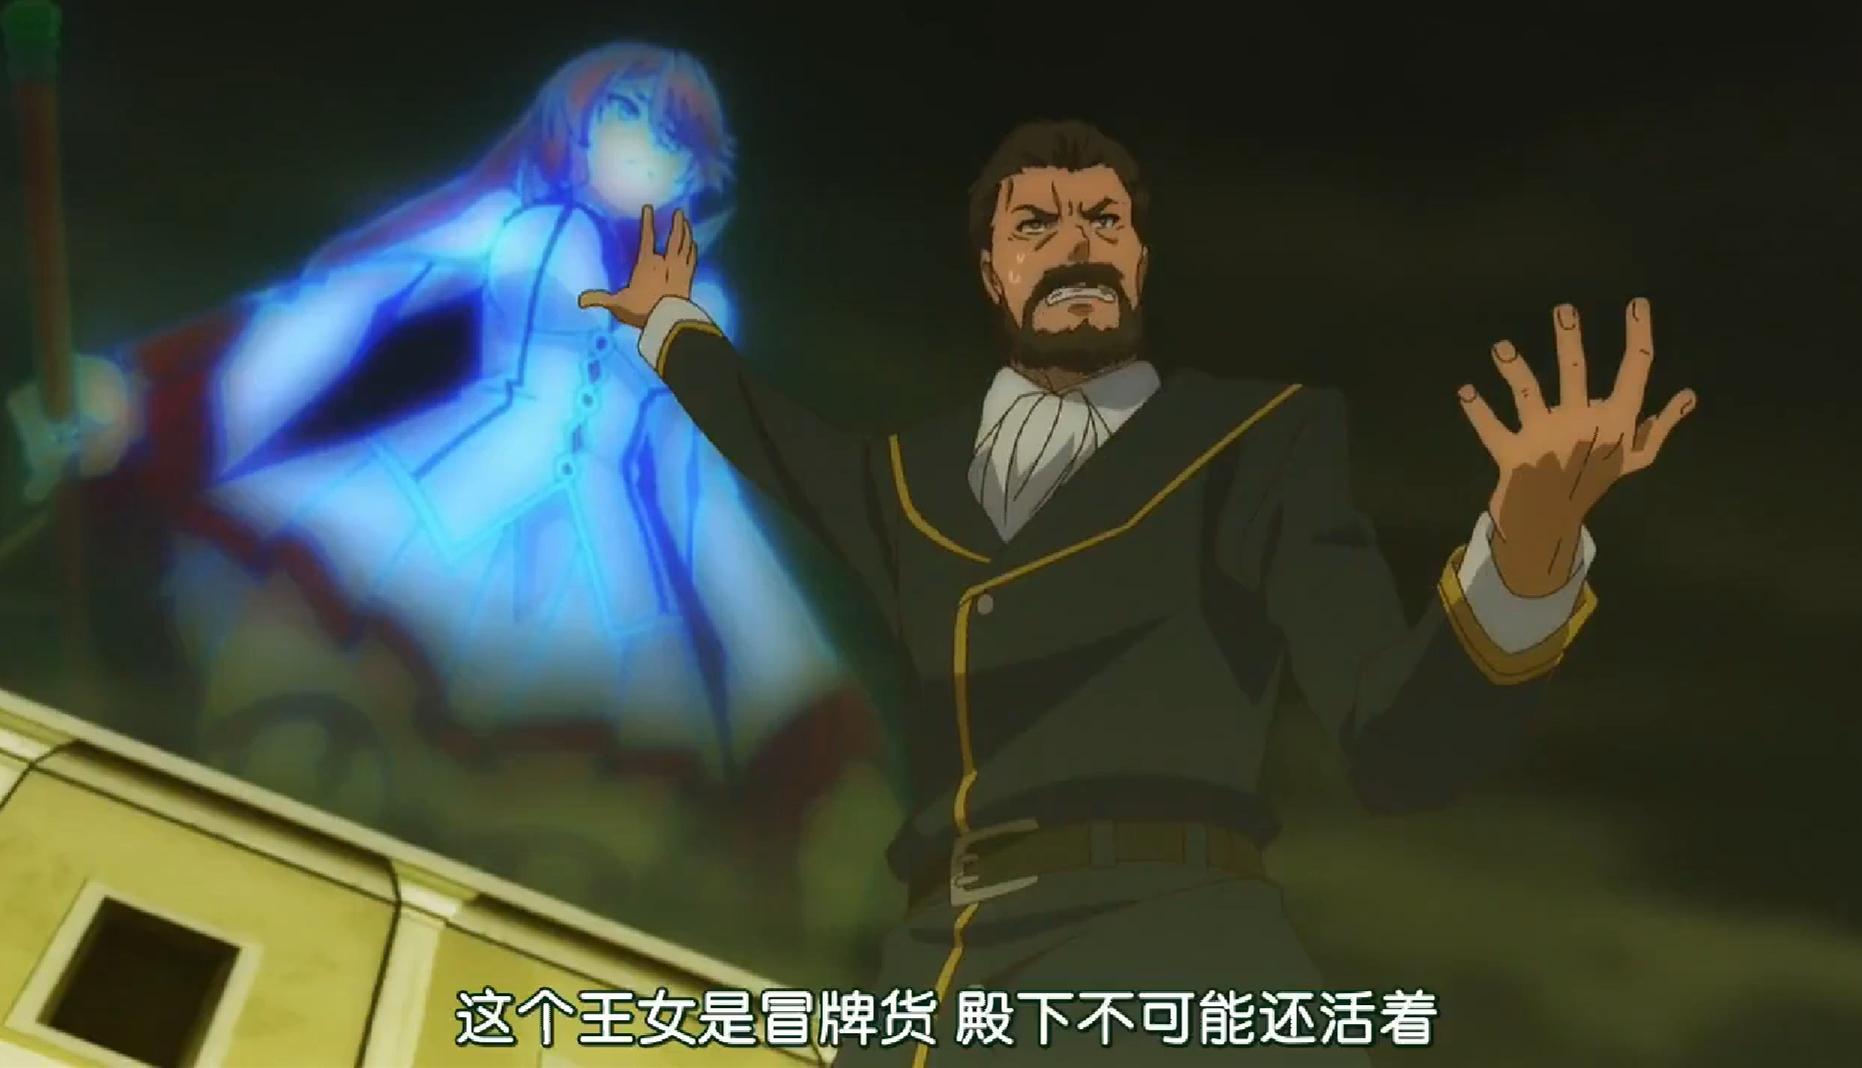 回復術士:芙蕾雅投影時,誰注意到騎士長?網友:放開那個史萊姆